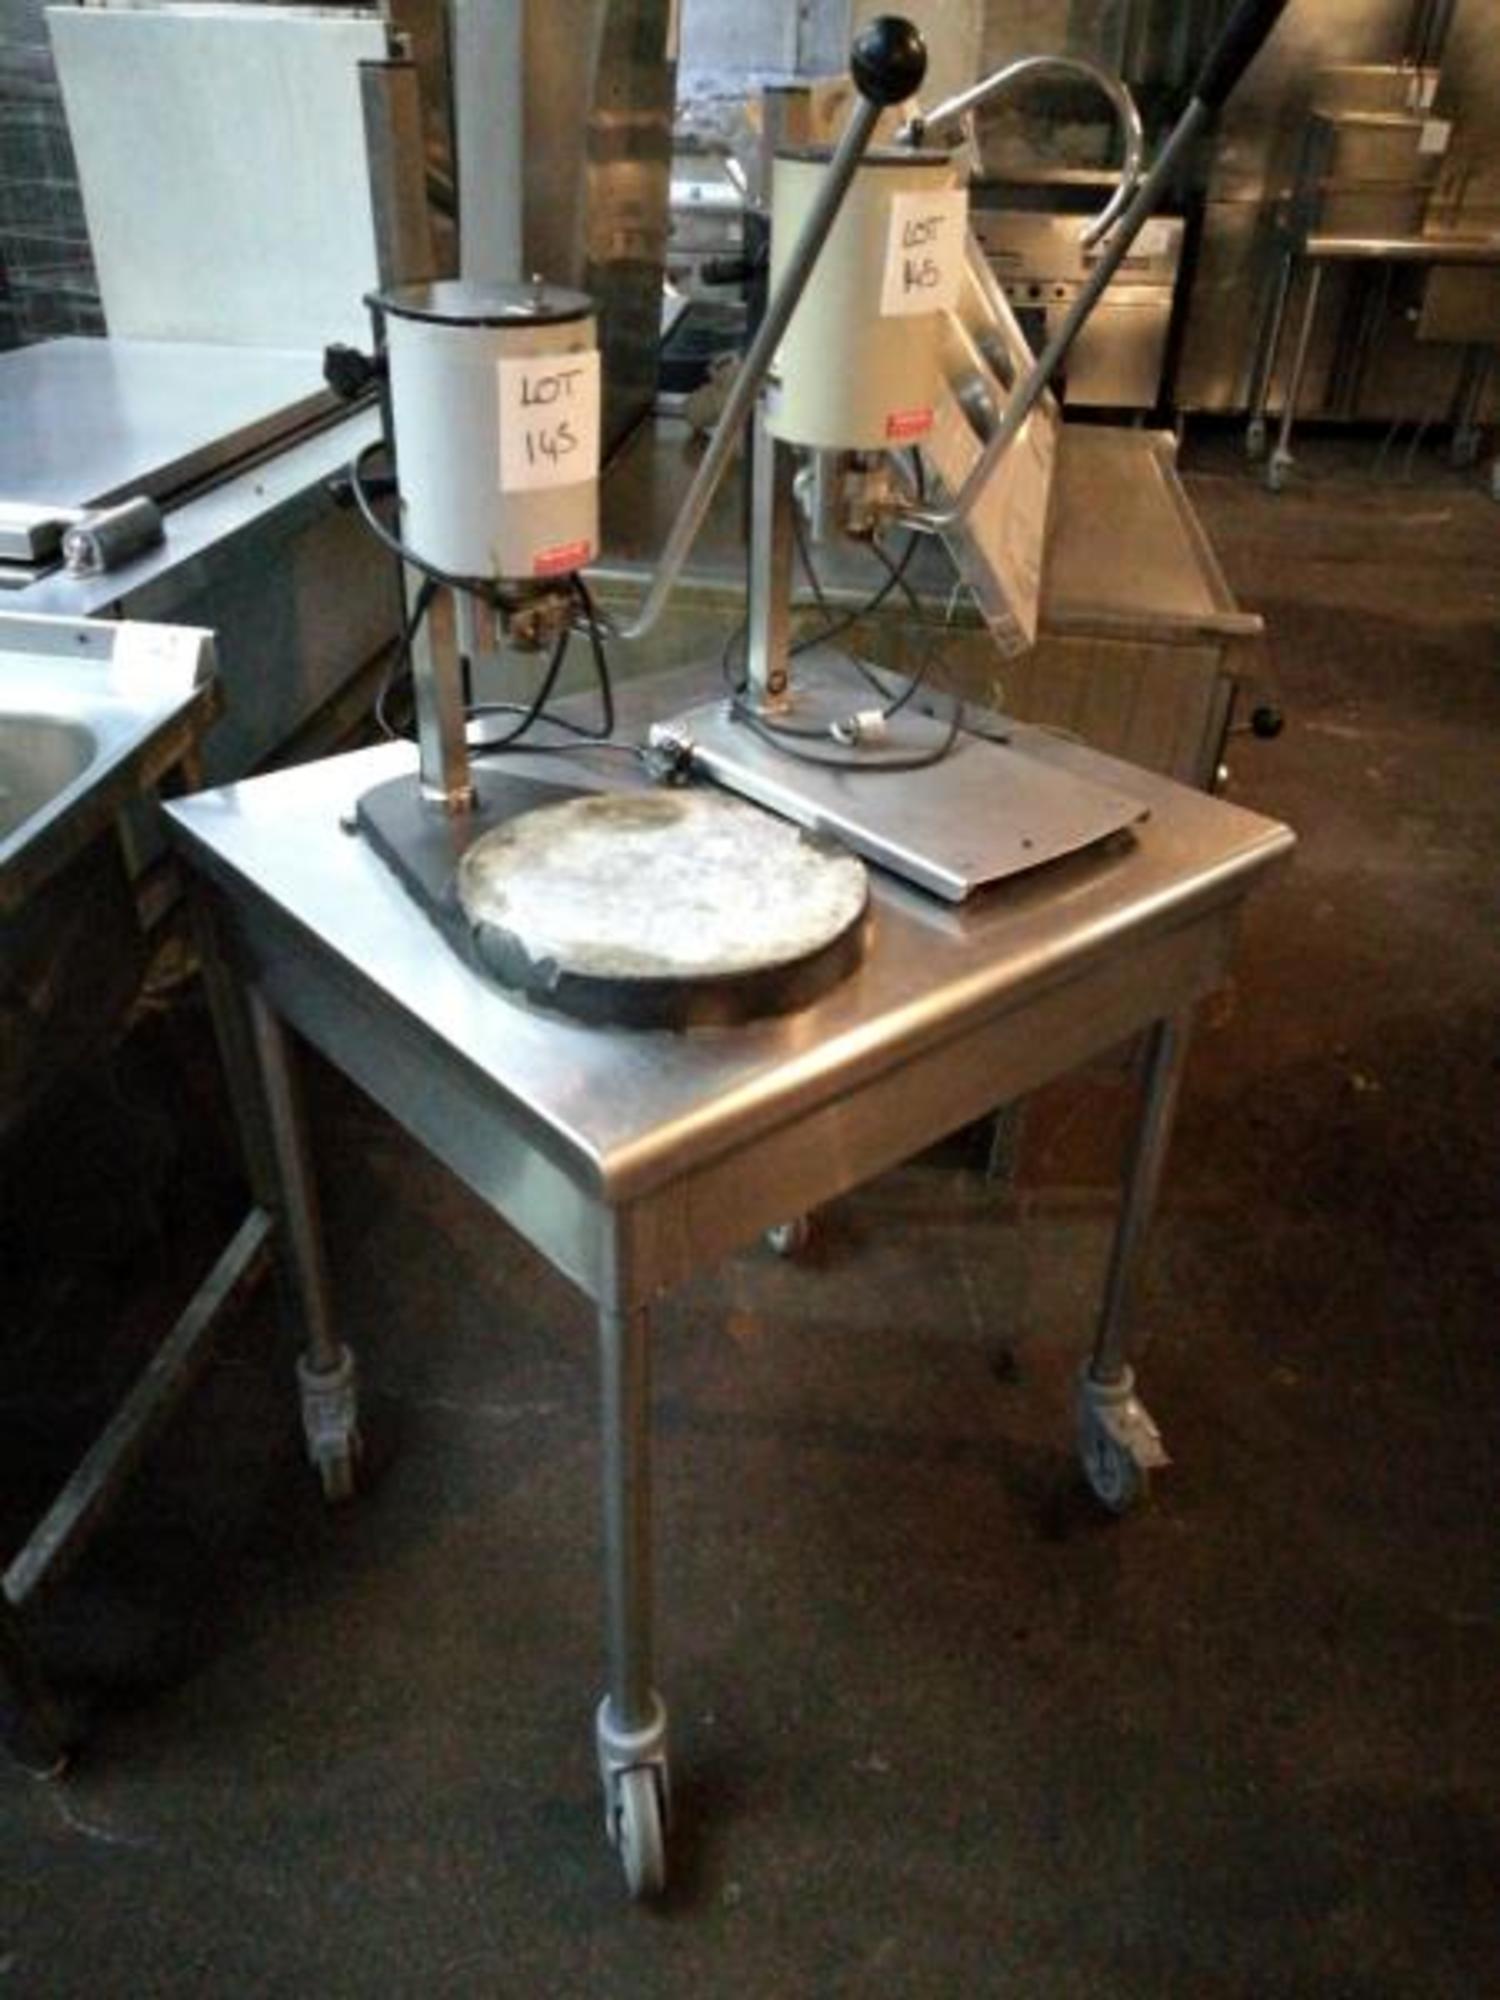 Table ouvre boite lot 145 equipement de cuisine d for Equipement de cuisine